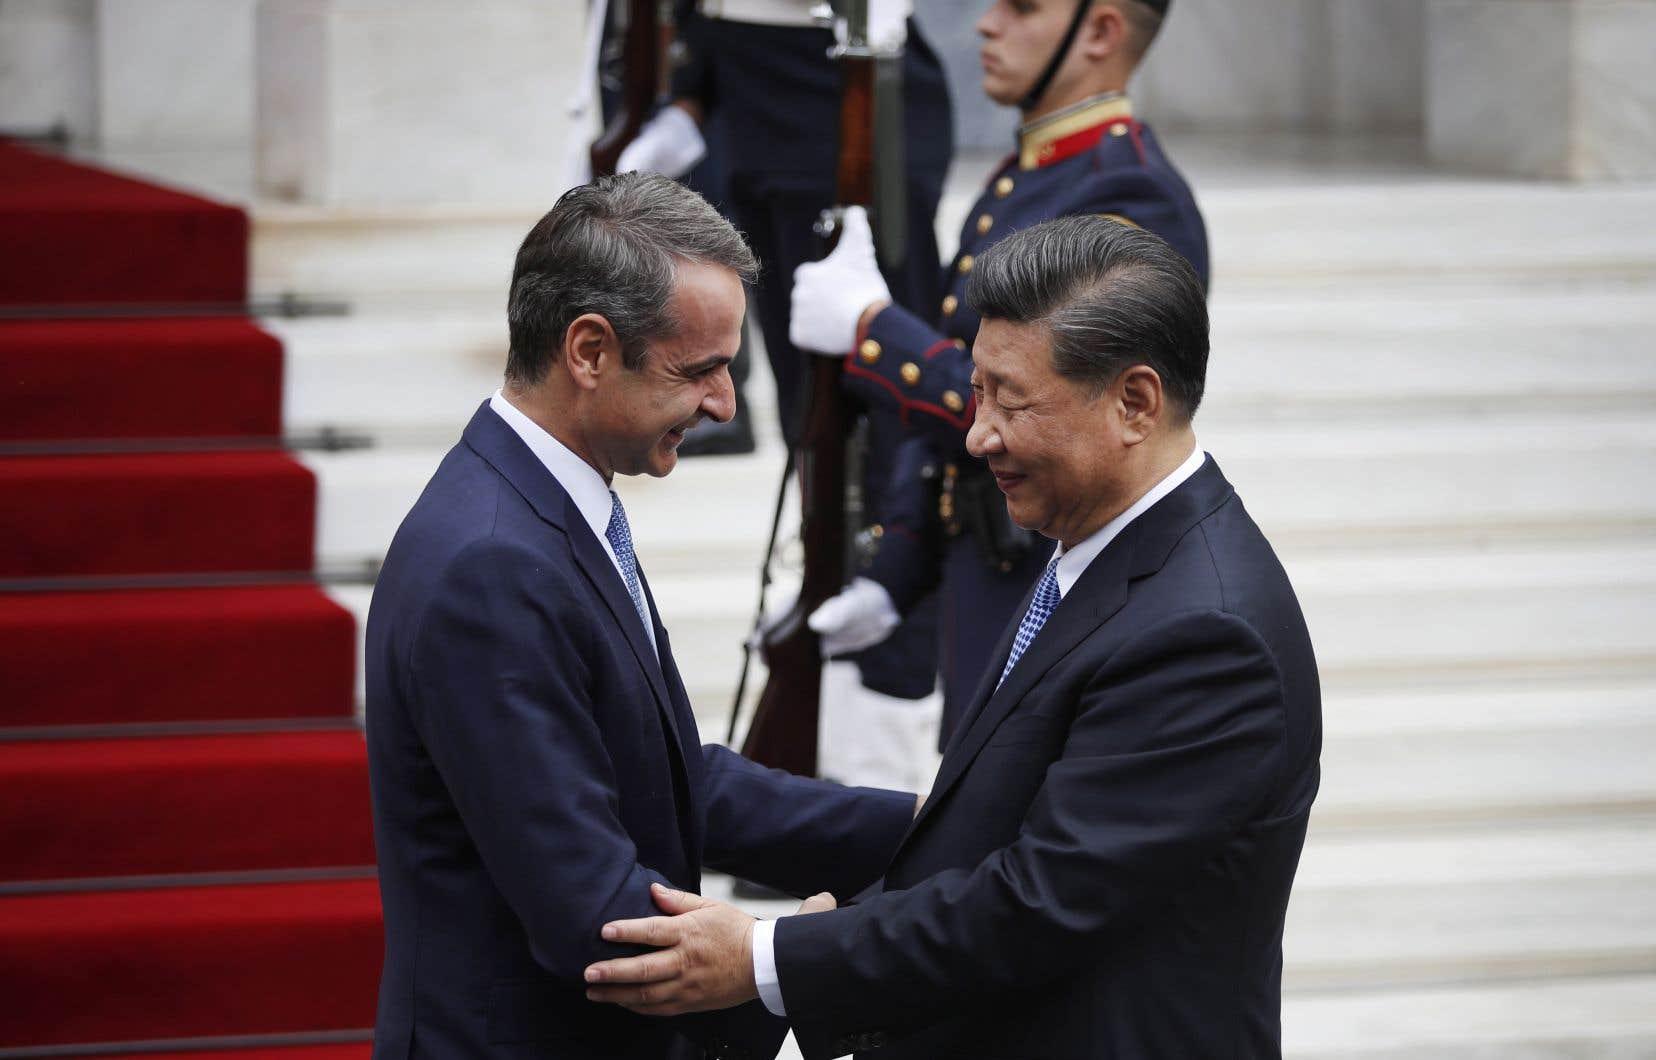 Le Premier ministre grec, Kyriakos Mitsotakis, à gauche, accueille le président chinois Xi Jinping, à droite, avant leur réunion à Maximos Mansion à Athènes, lundi dernier.